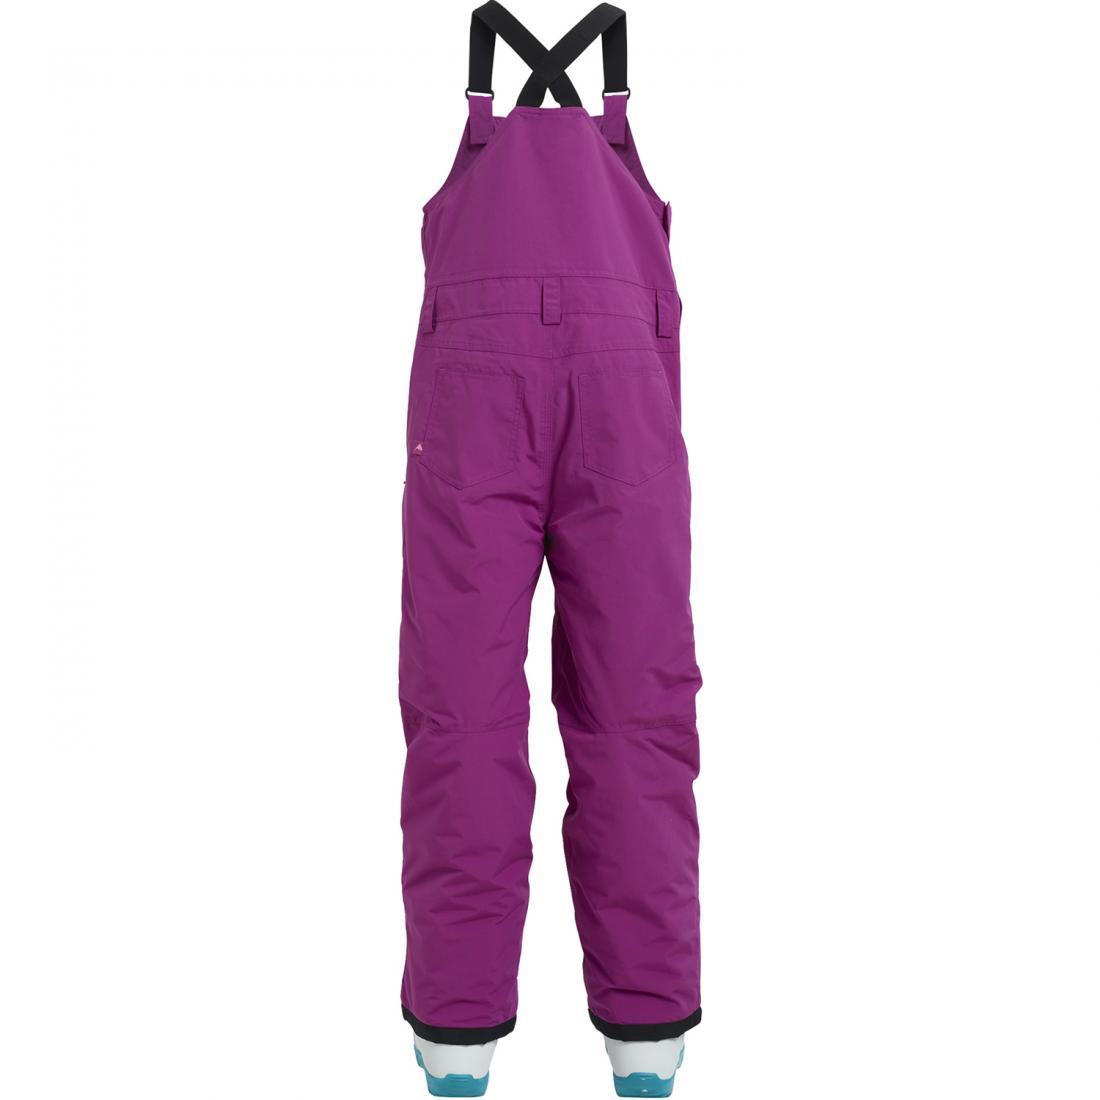 Детские штаны для сноуборда Skylar Bib купить в Boardshop №1